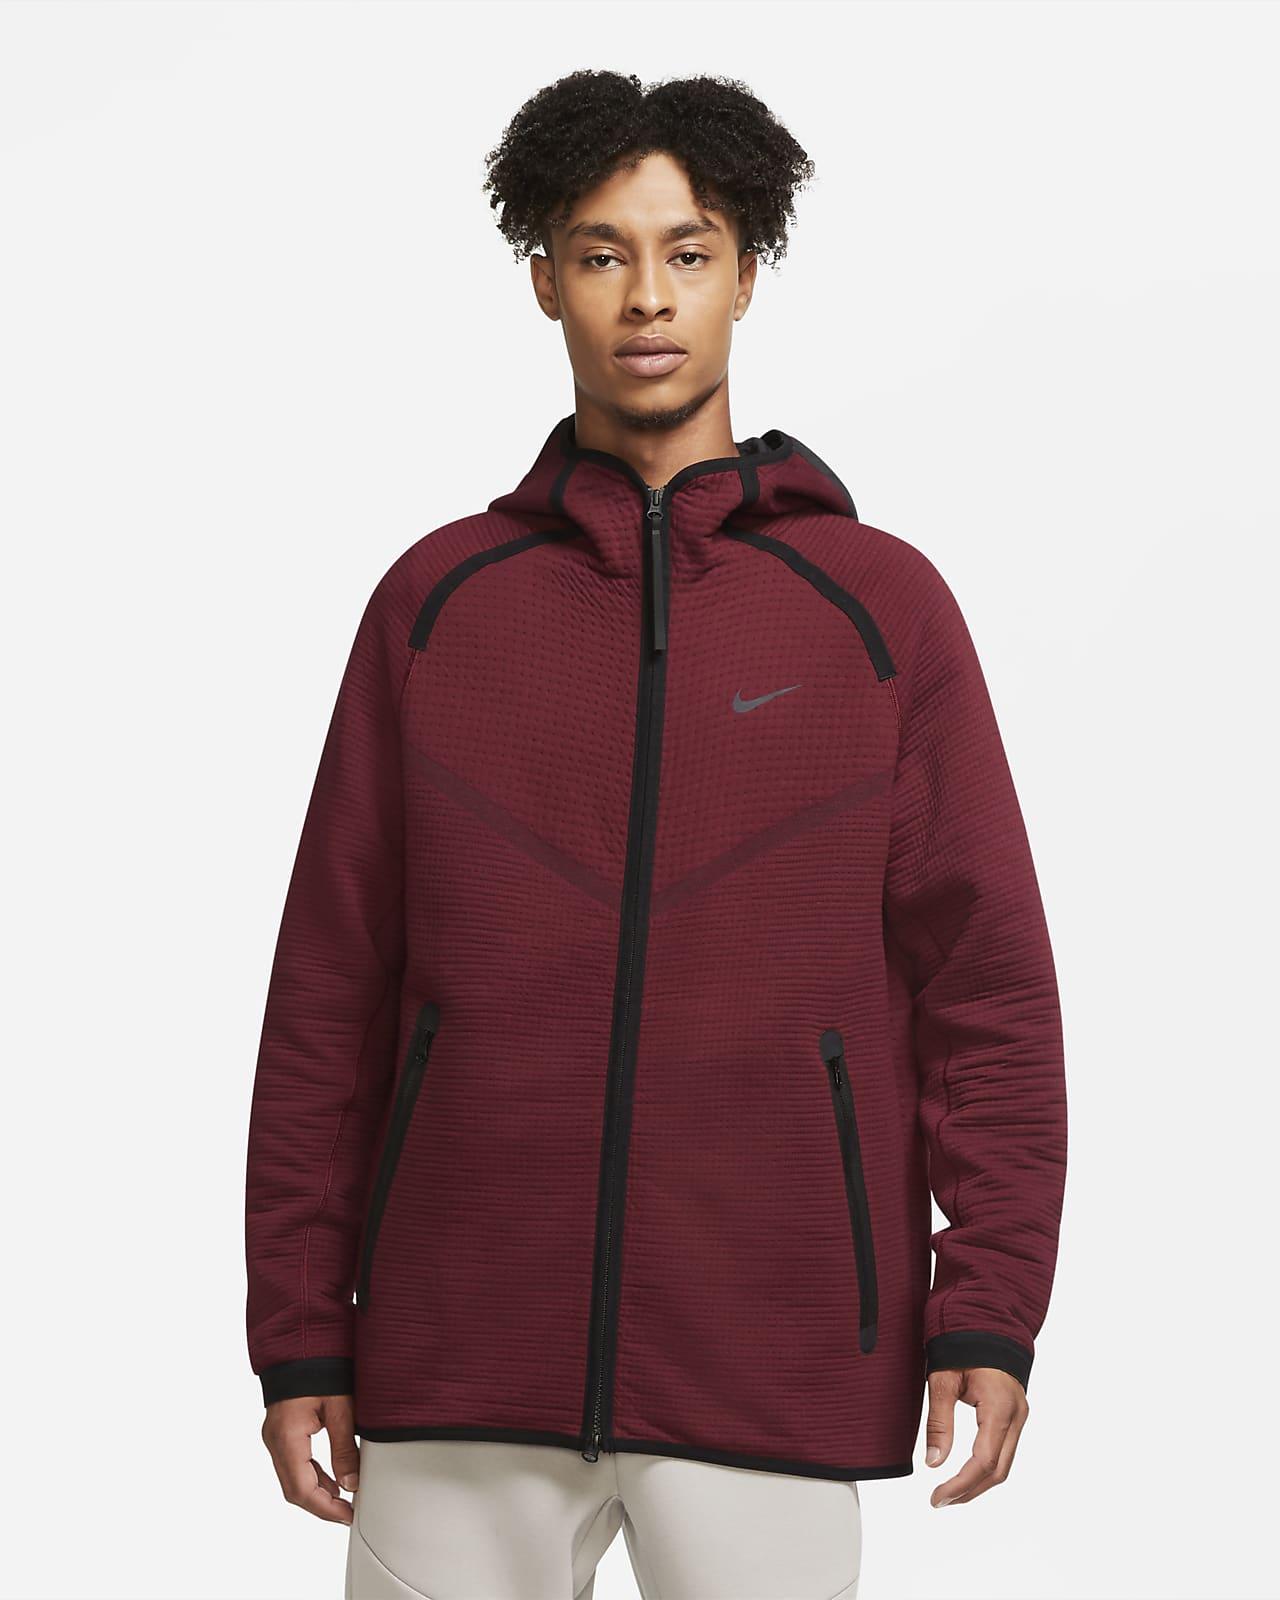 Nike Sportswear Tech Pack Windrunner hettejakke til herre